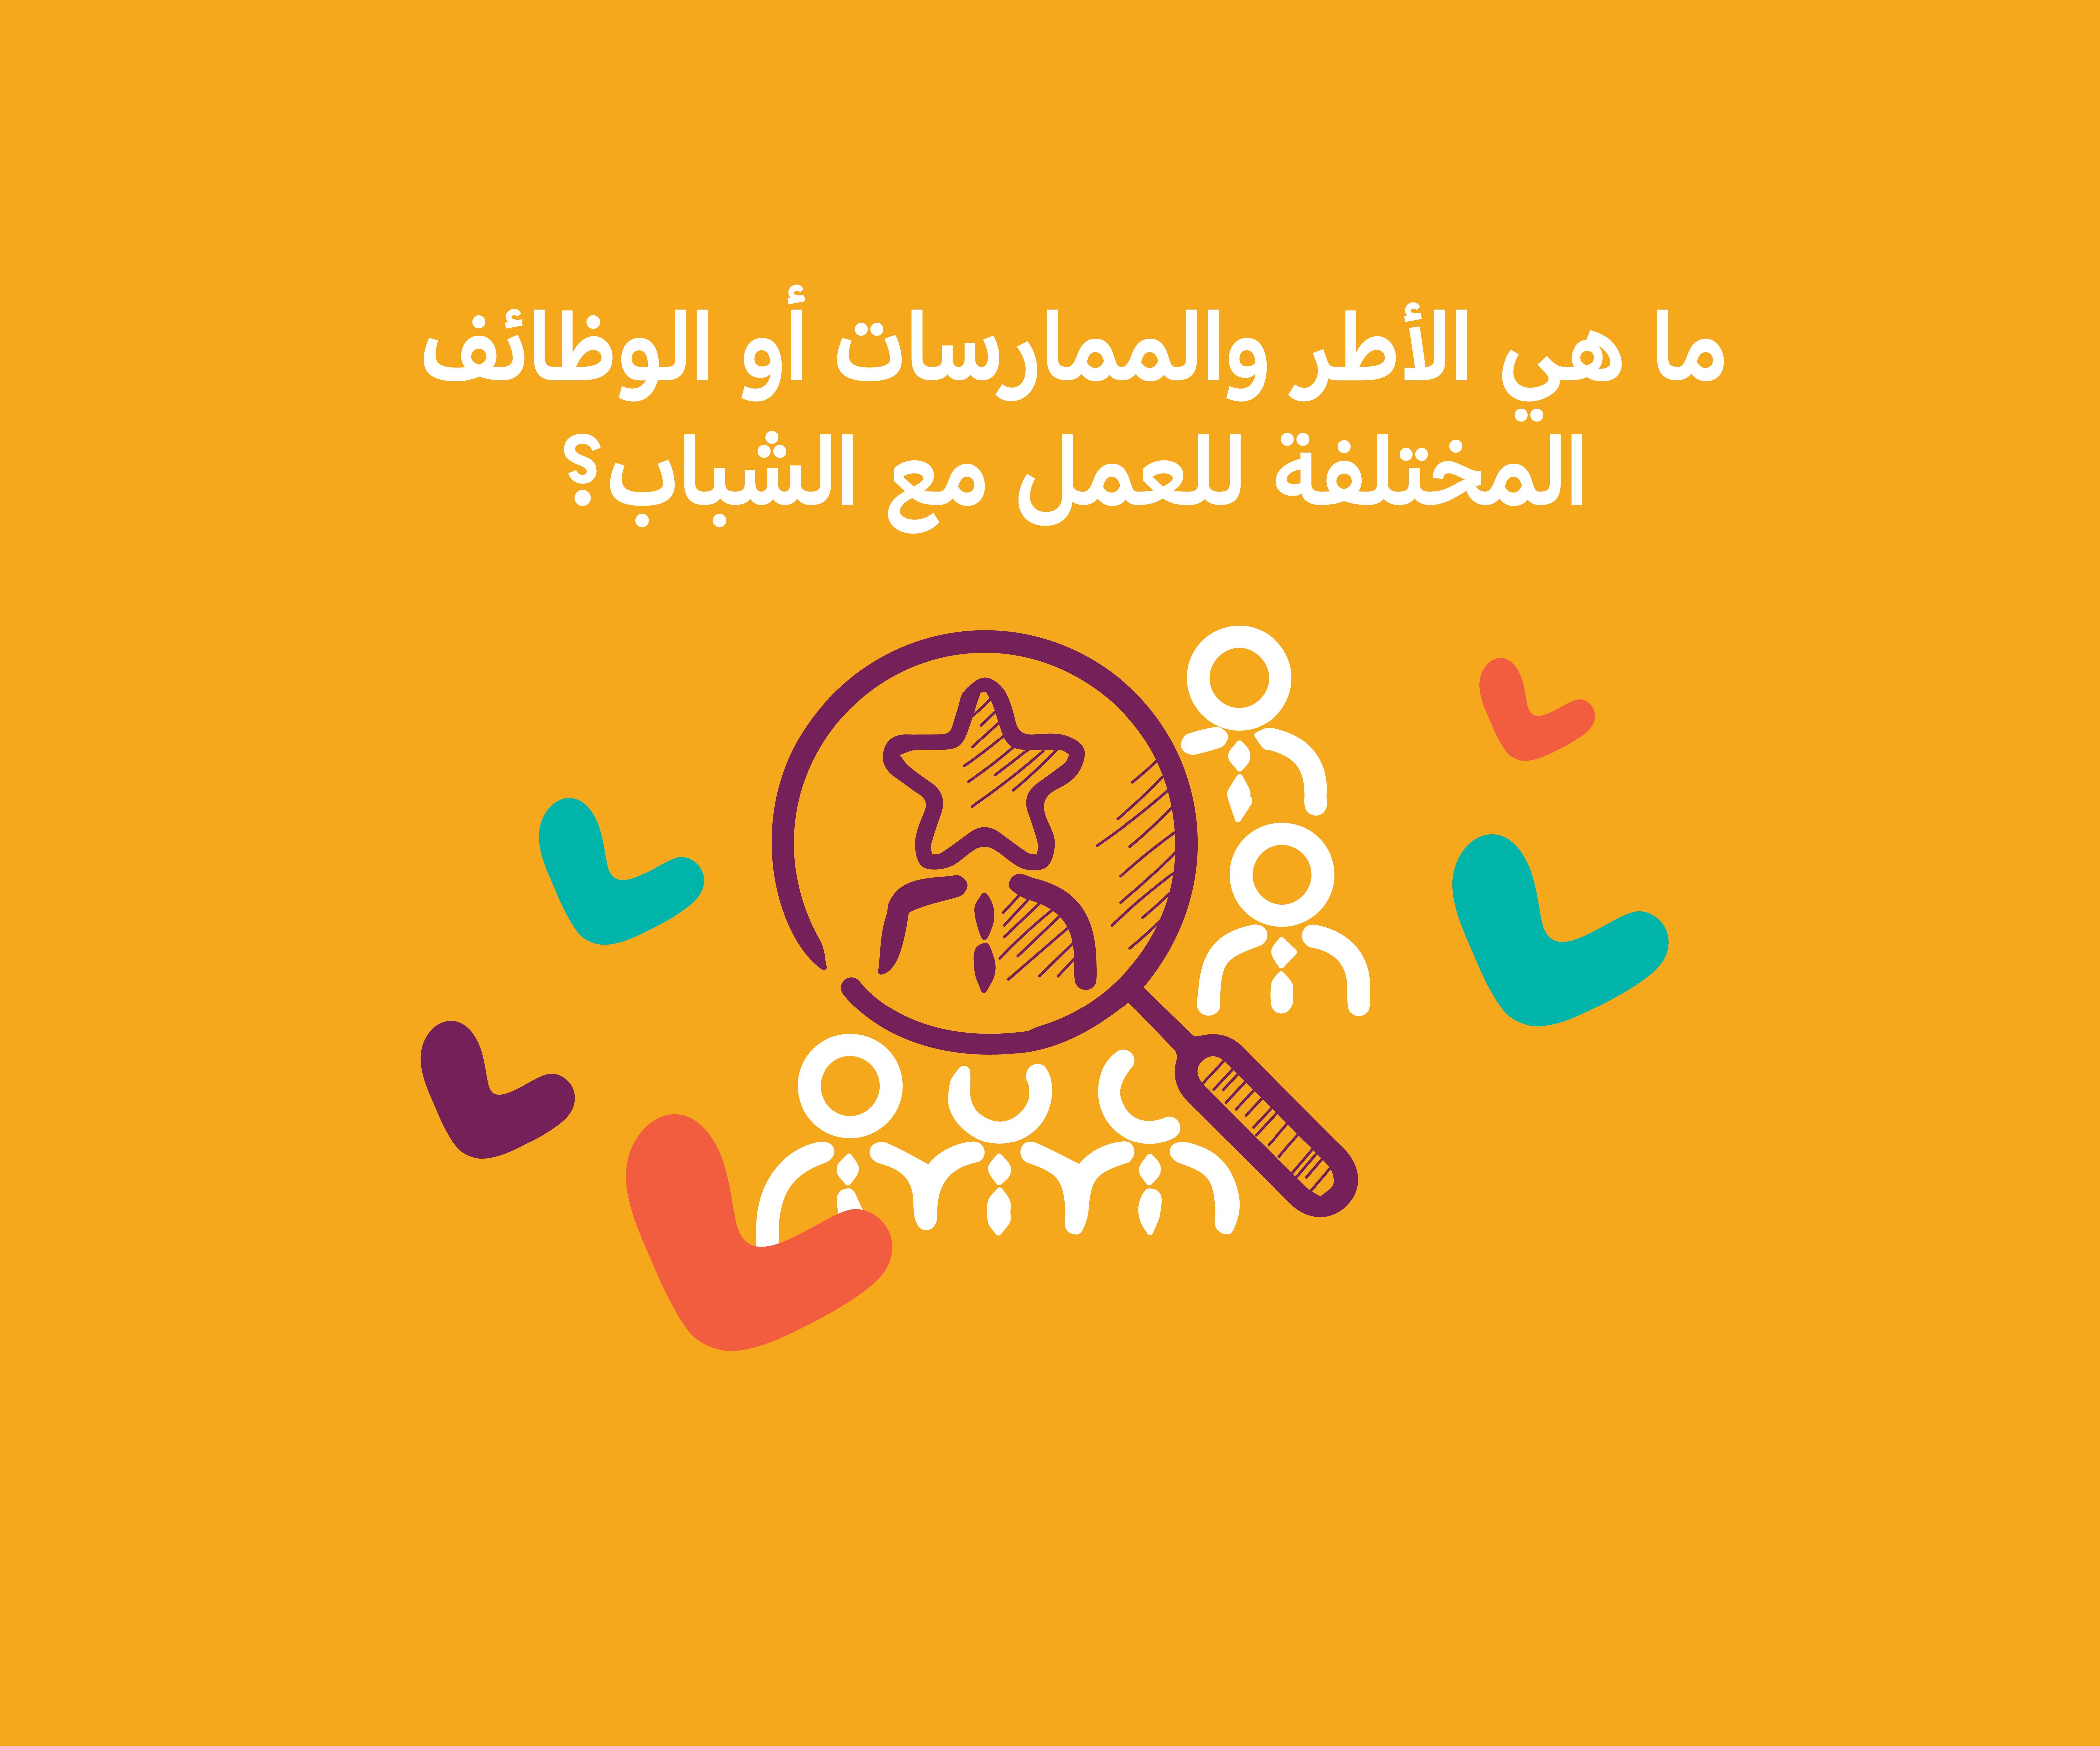 ما هي الأطر والممارسات أو الوظائف المختلفة للعمل مع الشباب؟